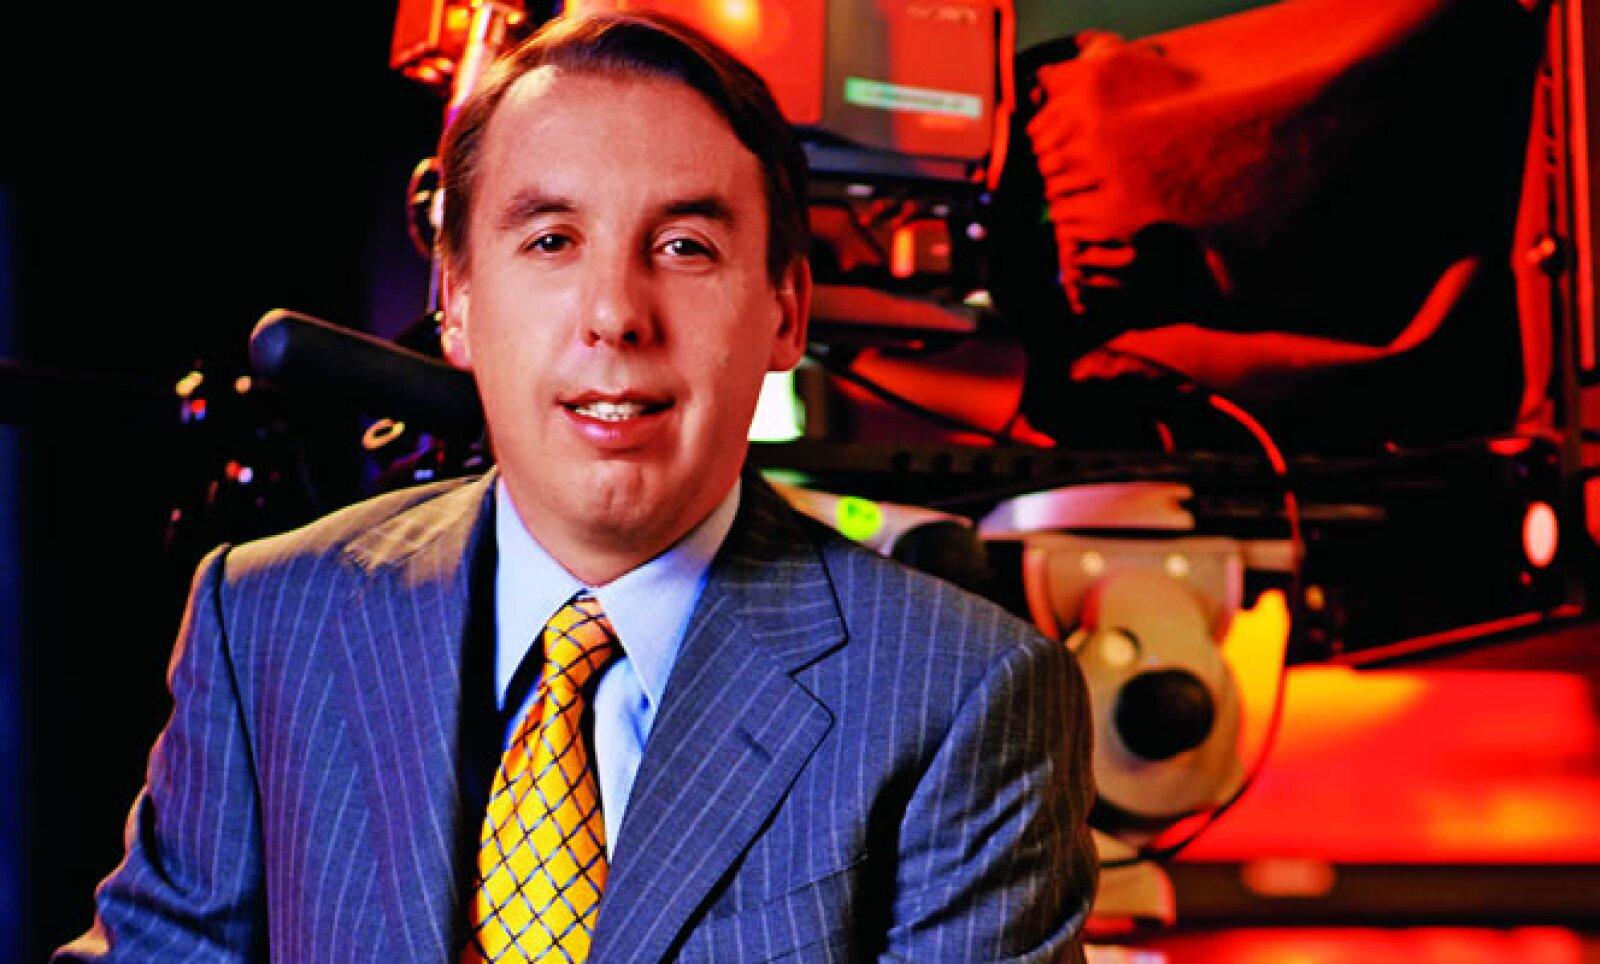 Emilio Azcárraga, también llamado 'Tigre Junior', tomó el mando de Grupo Televisa con tan sólo 29 años de edad a consecuencia de la muerte de su padre, Emilio Azcárraga Milmo, en 1997.